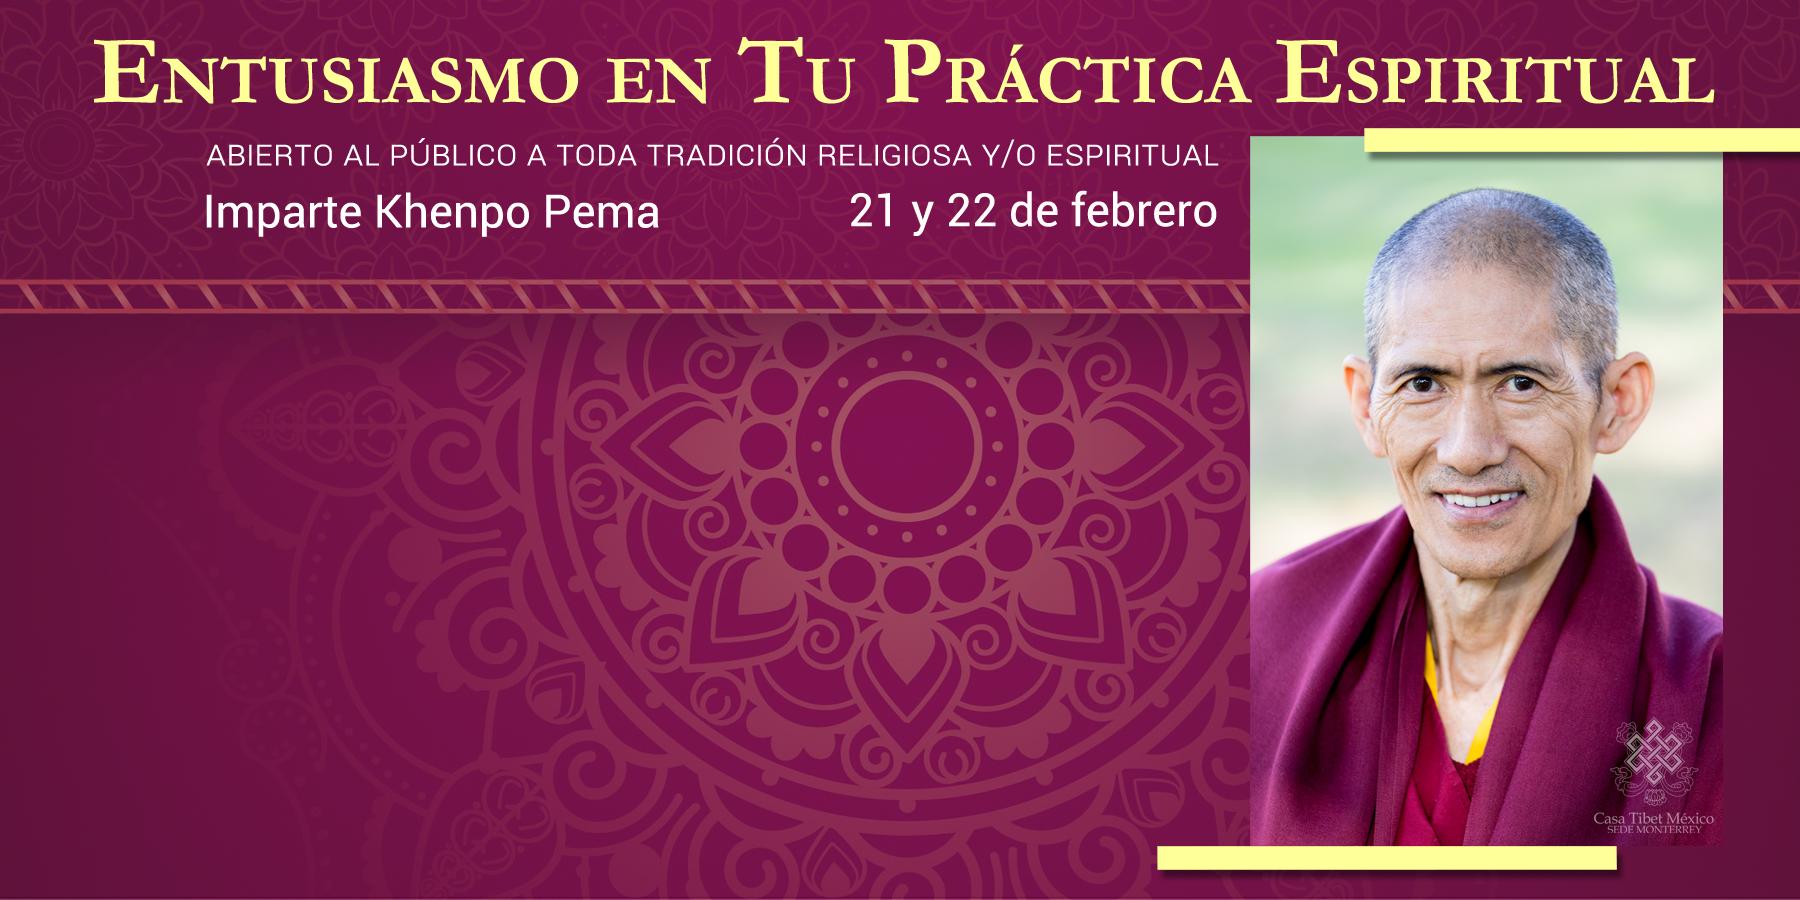 Lama Pema conferencia monterrey 2018